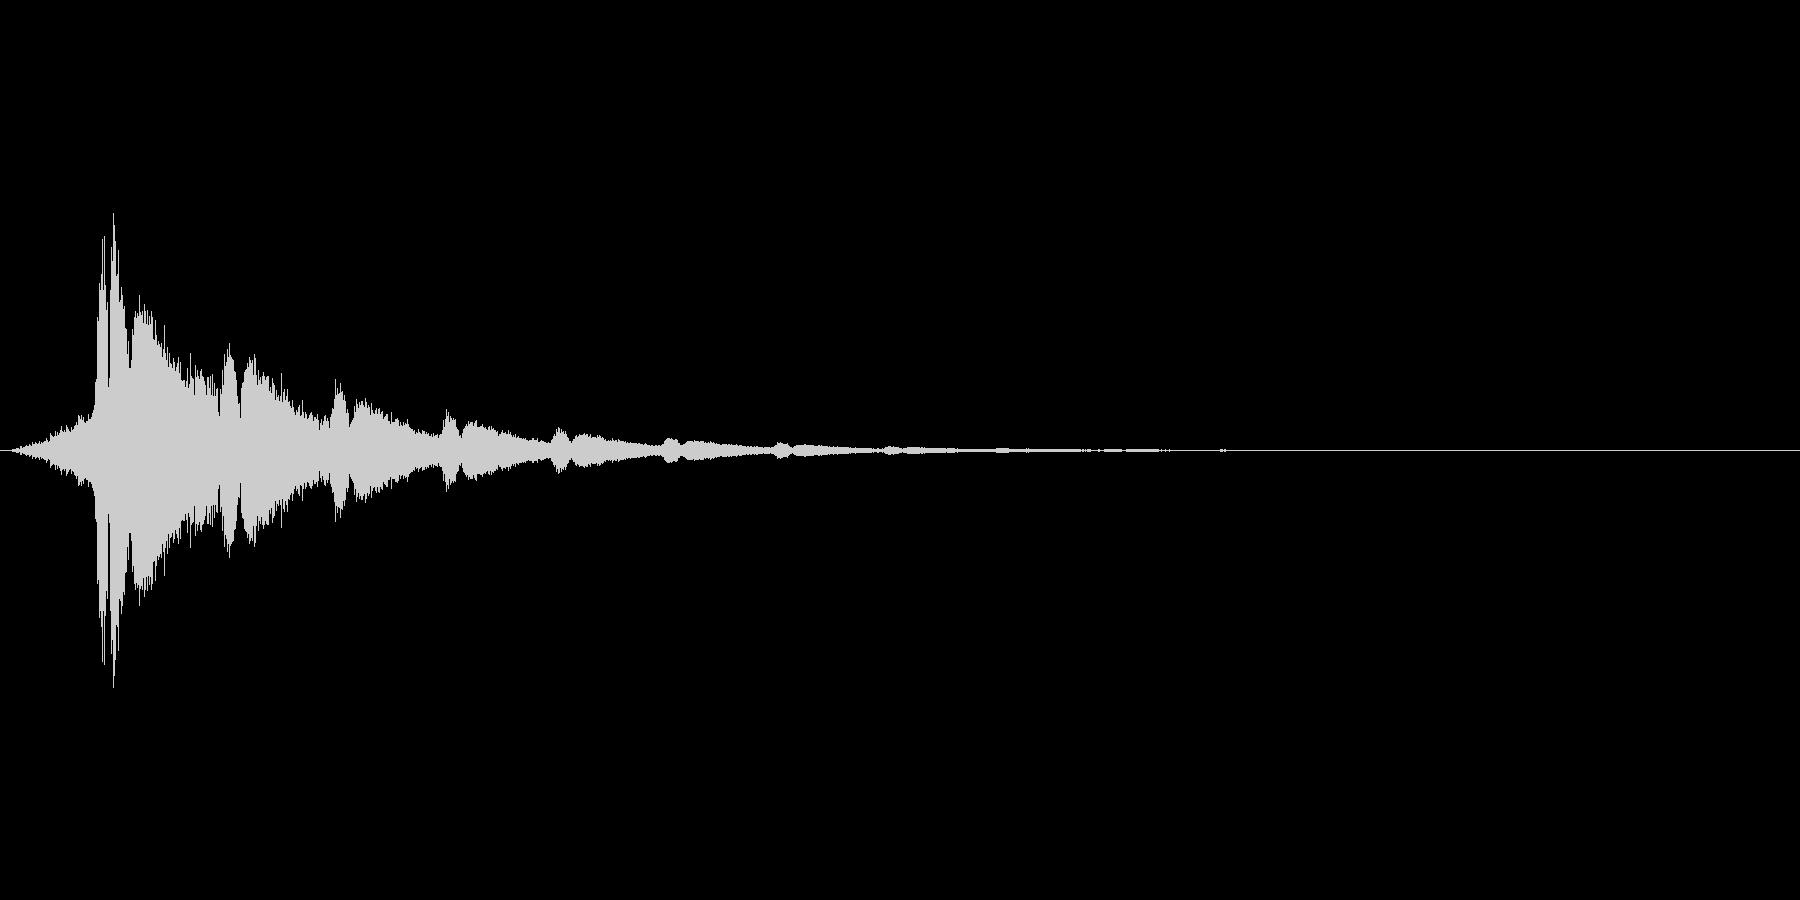 スワイプ音、スライド音シリーズの未再生の波形